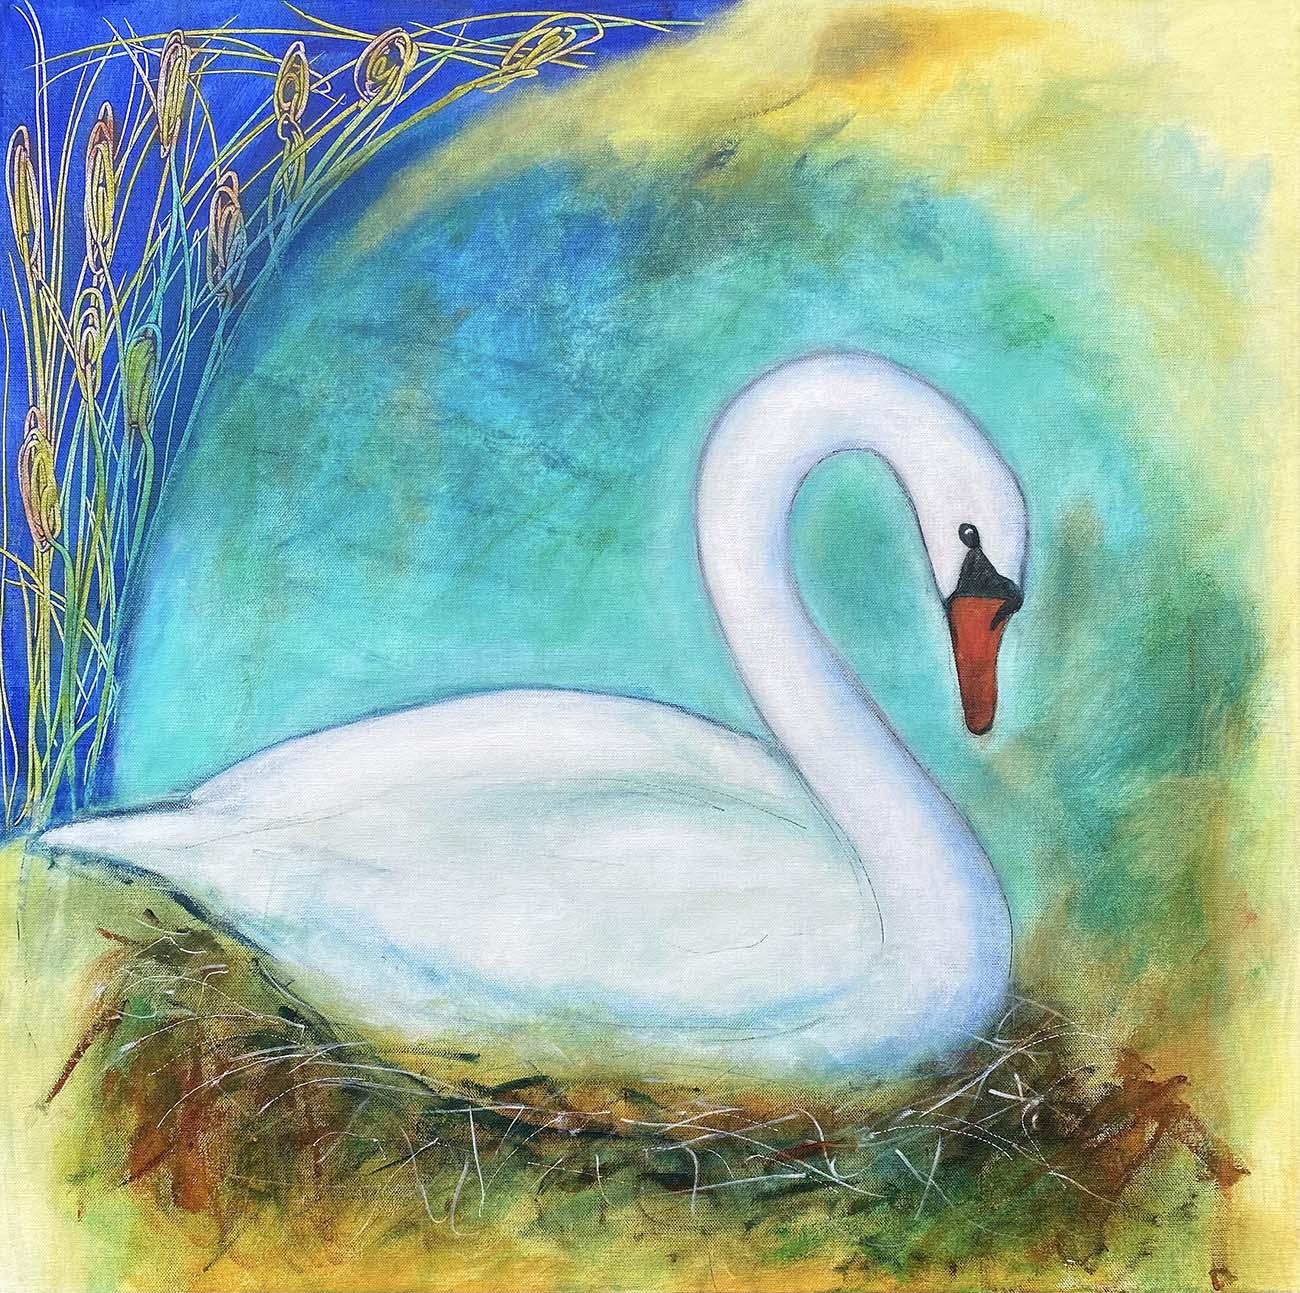 LR_The_Swan_Lena_Sarnfors_2021